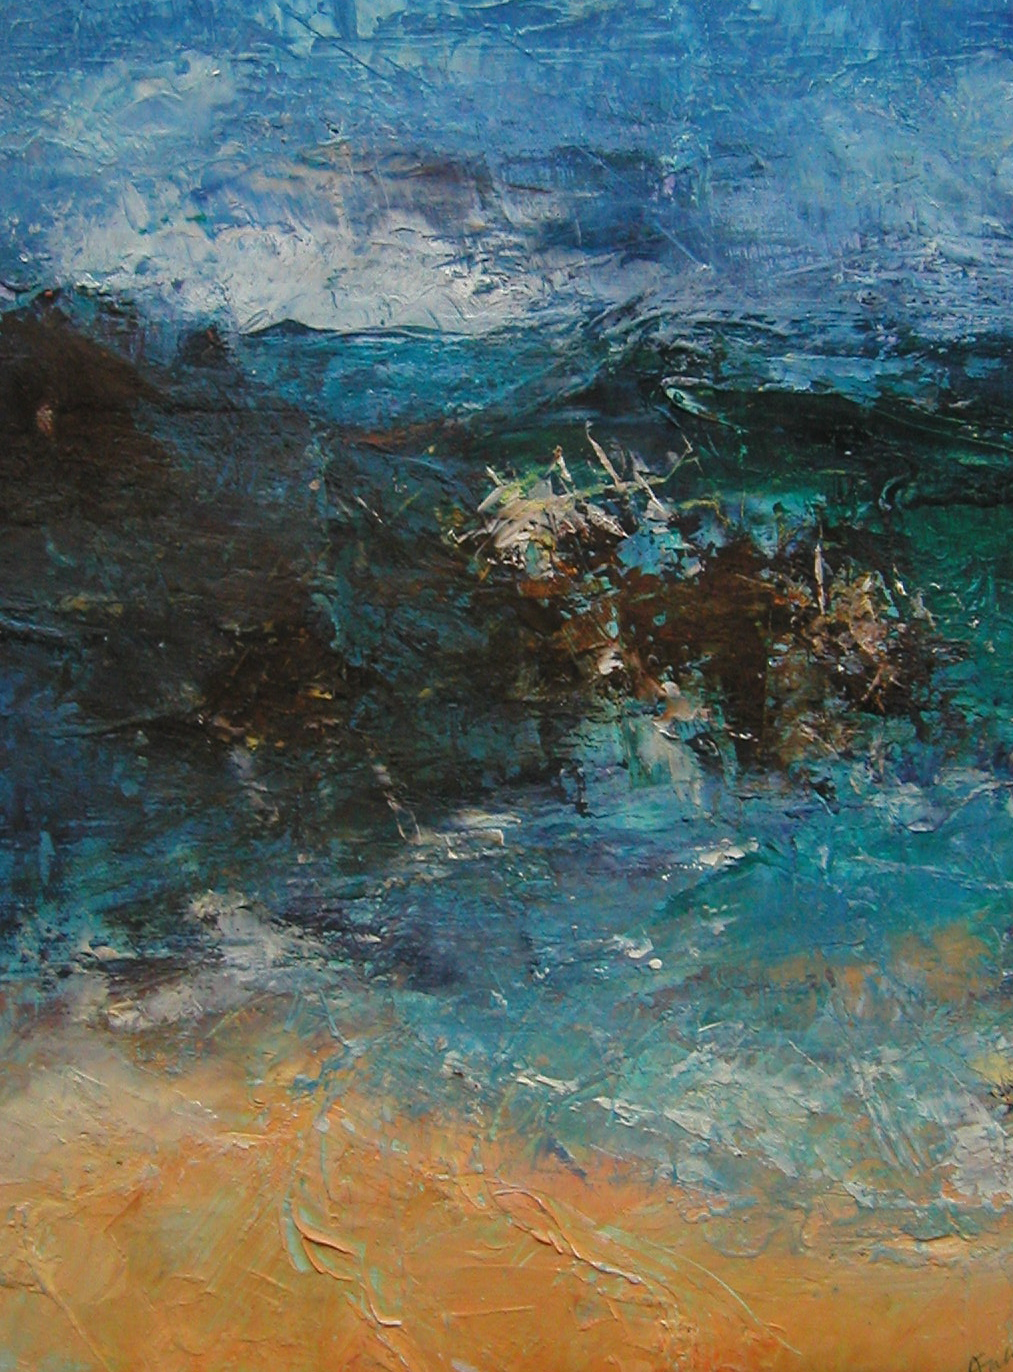 Cornish Sea and Sand